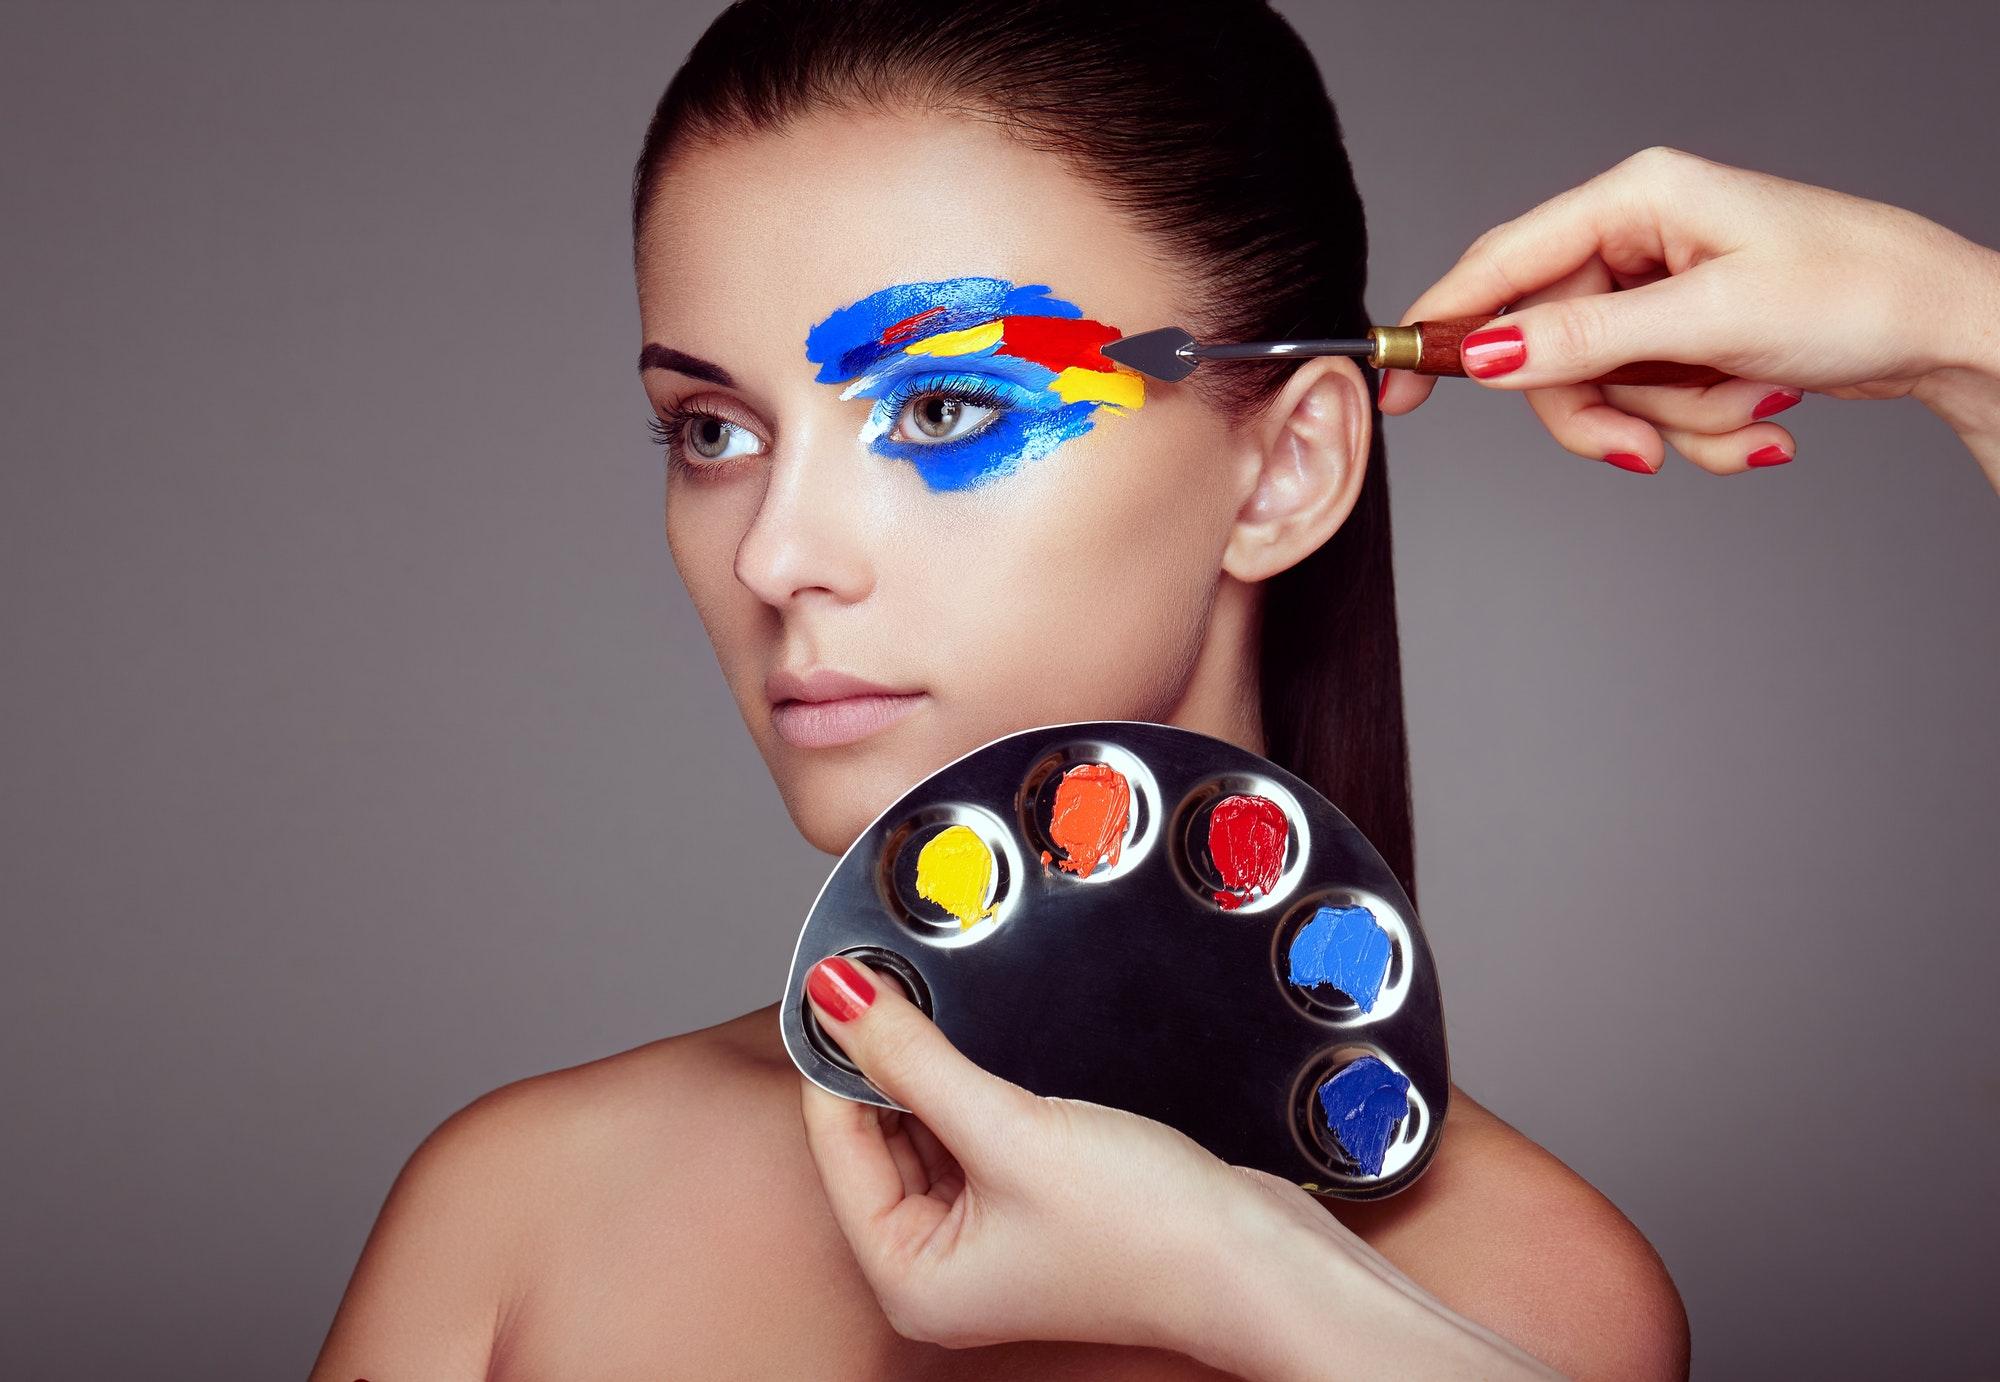 Makeup artist applies colorful makeup